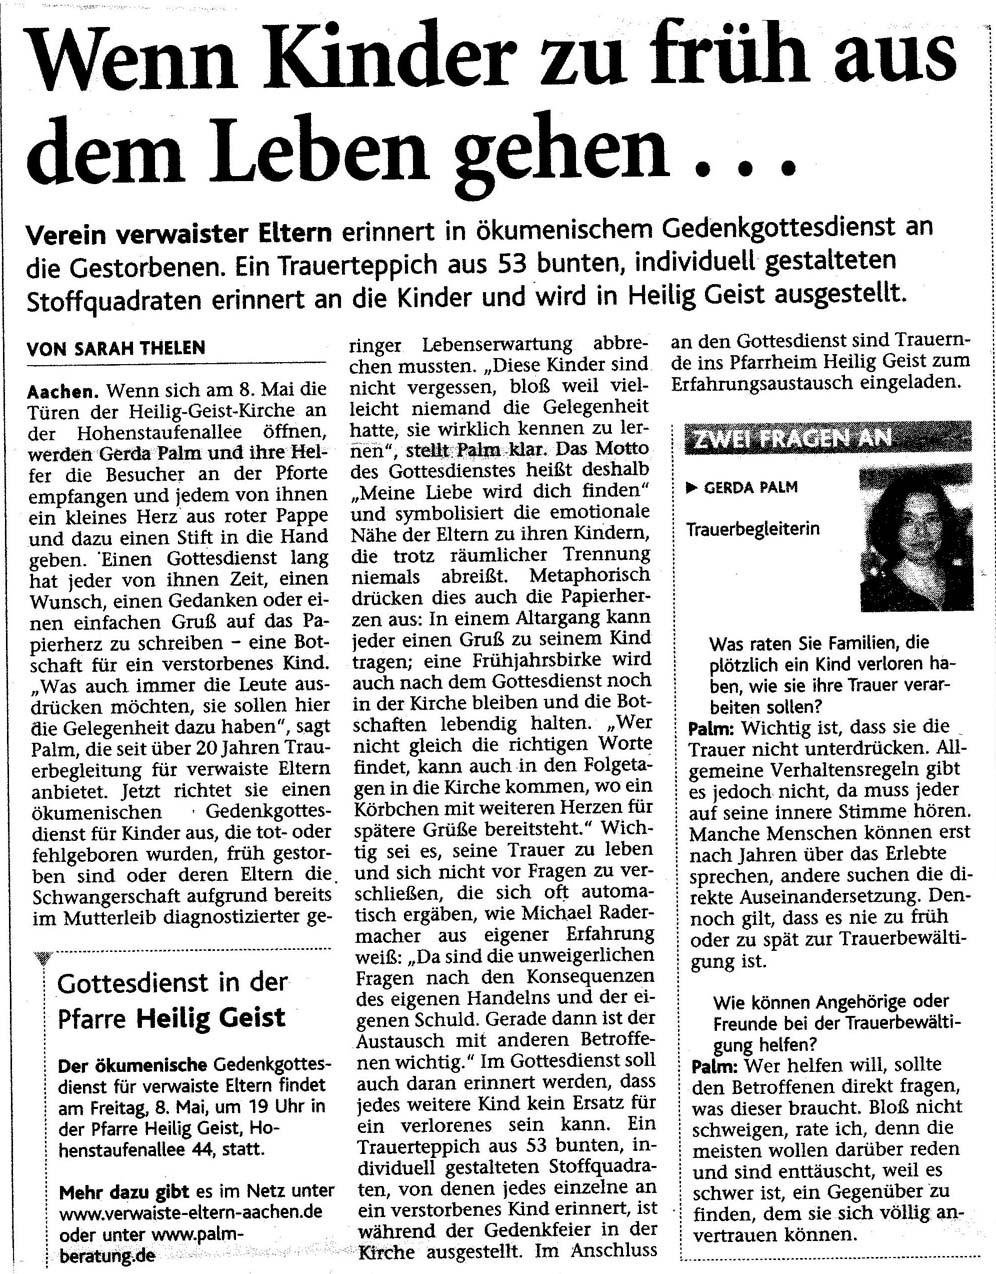 Aachener Nachrichten - 18. April 2009